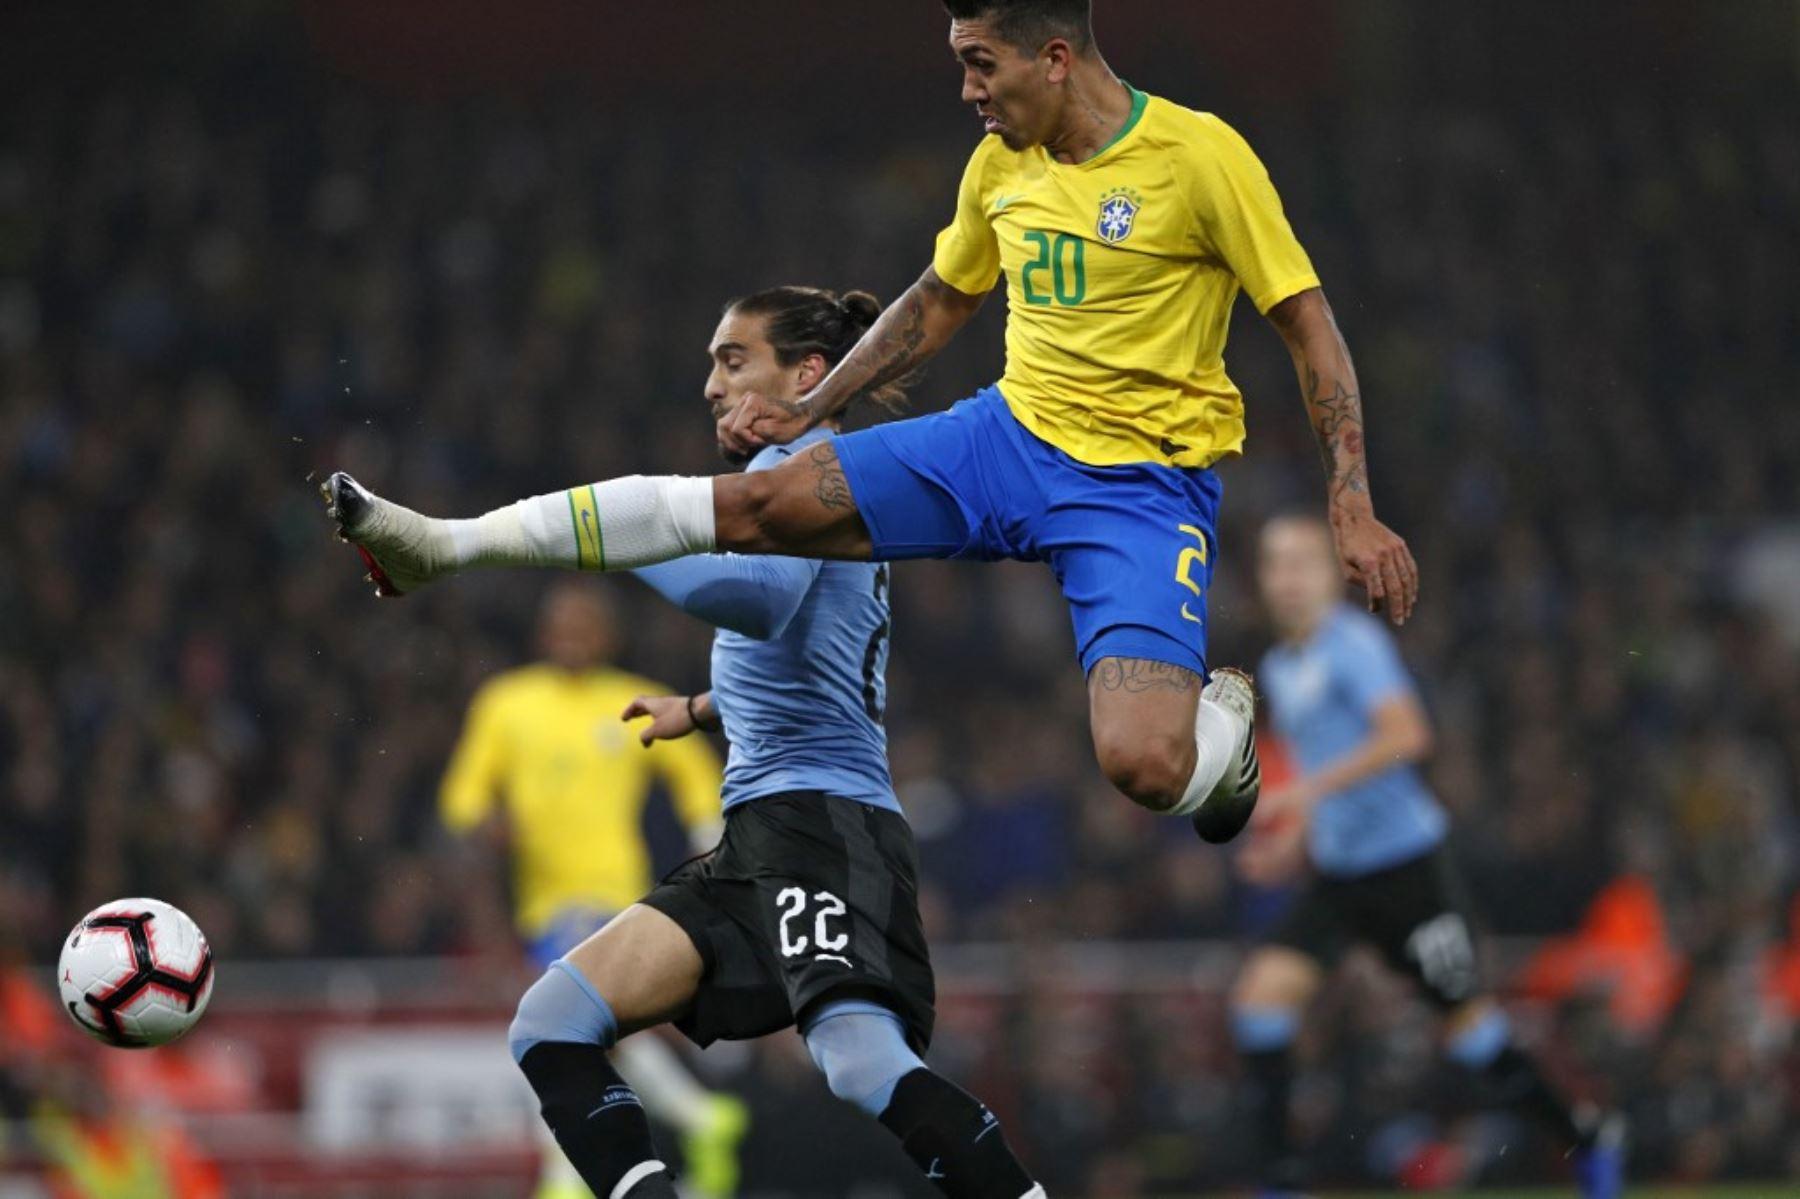 uruguay-sin-luis-suarez-por-covid-19-recibe-hoy-al-lider-brasil